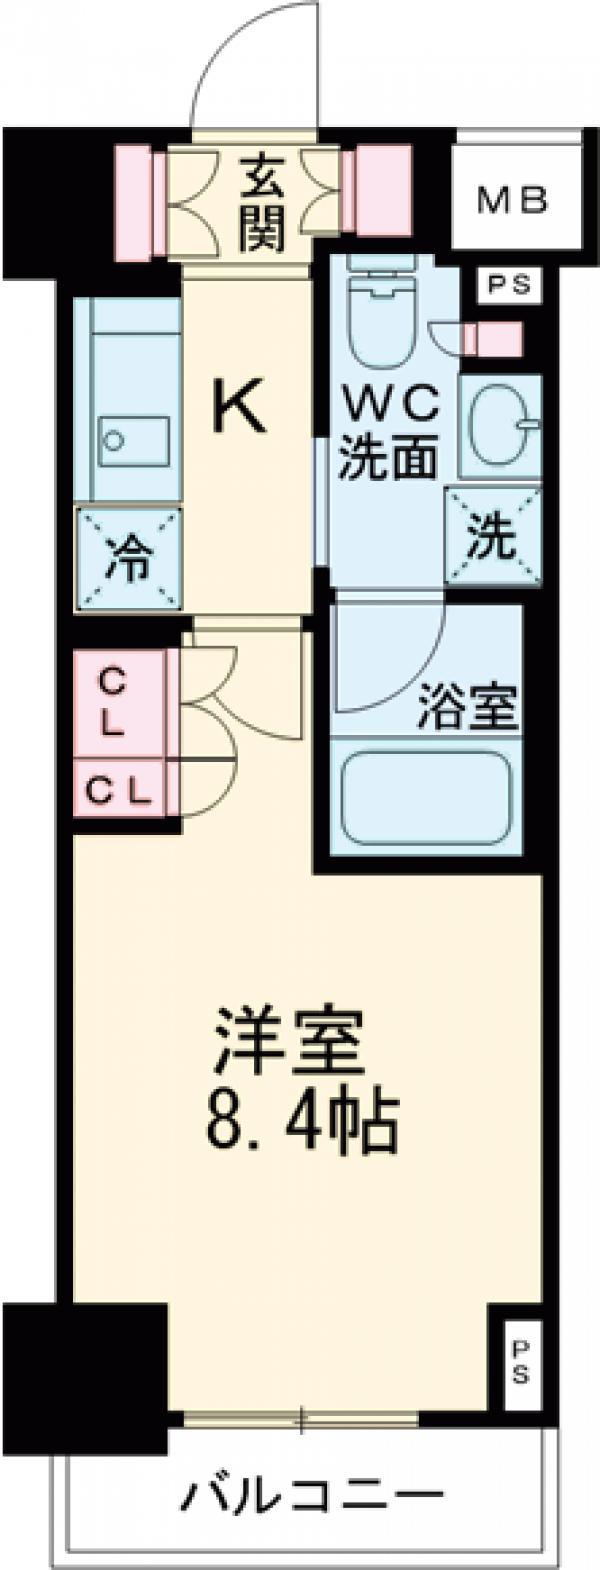 プラウドフラット西早稲田・203号室の間取り